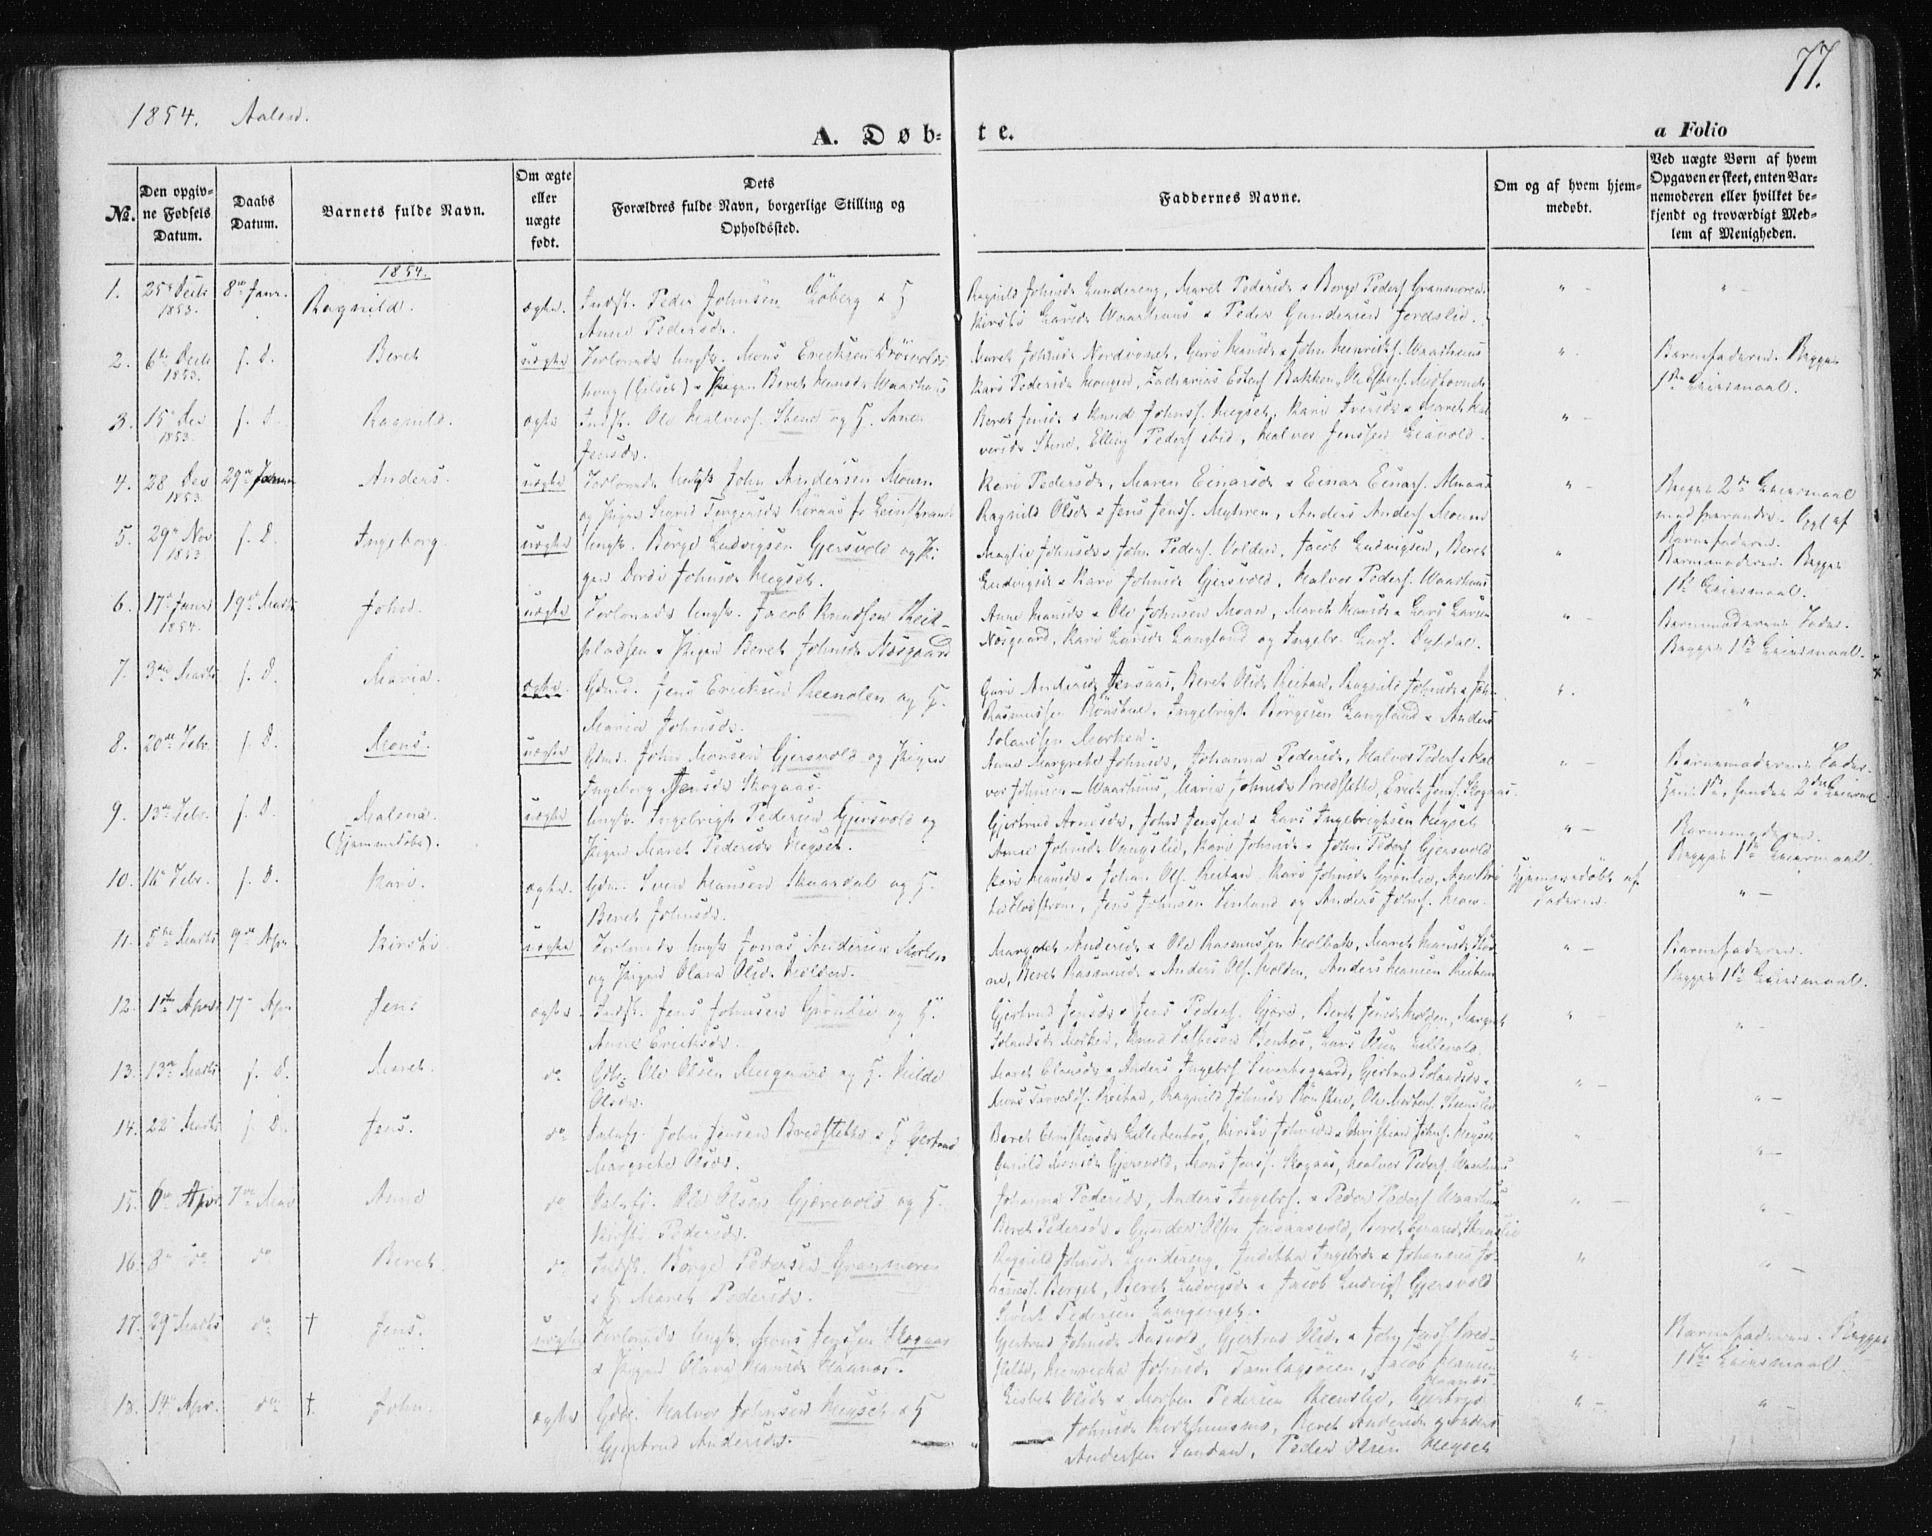 SAT, Ministerialprotokoller, klokkerbøker og fødselsregistre - Sør-Trøndelag, 685/L0965: Ministerialbok nr. 685A06 /3, 1846-1859, s. 77